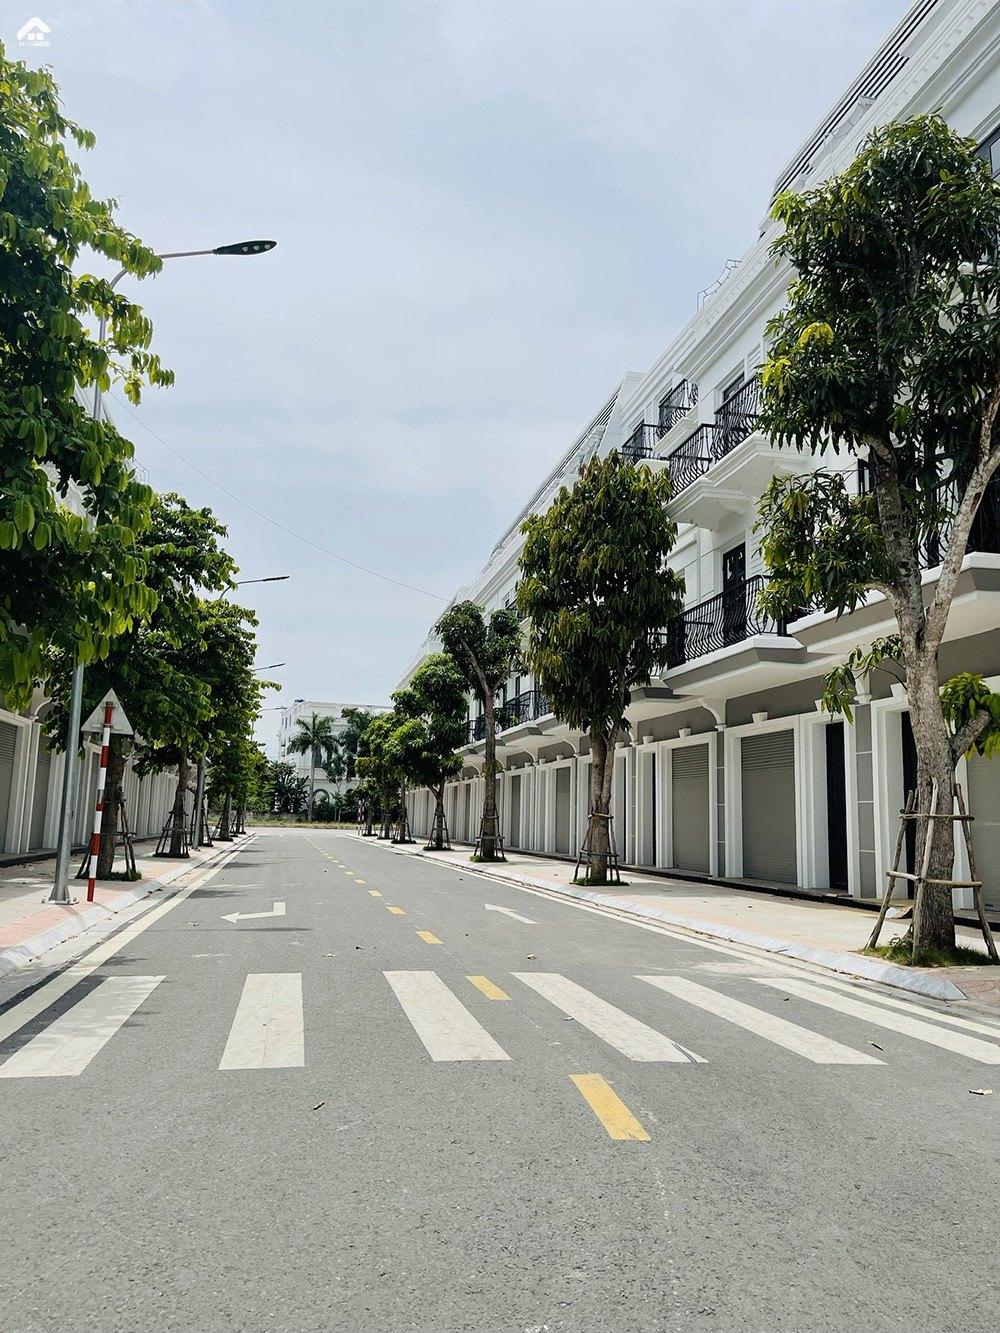 Hình ảnh thực tế SHophouse Vincom Thái Hòa Nghệ AN